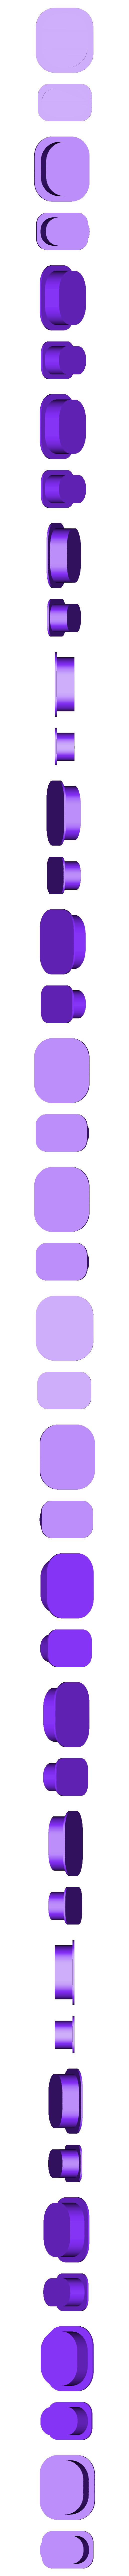 back_buttons.stl Télécharger fichier STL gratuit Pocket Wii | Nintendo Wii portable • Objet pour impression 3D, indigo4